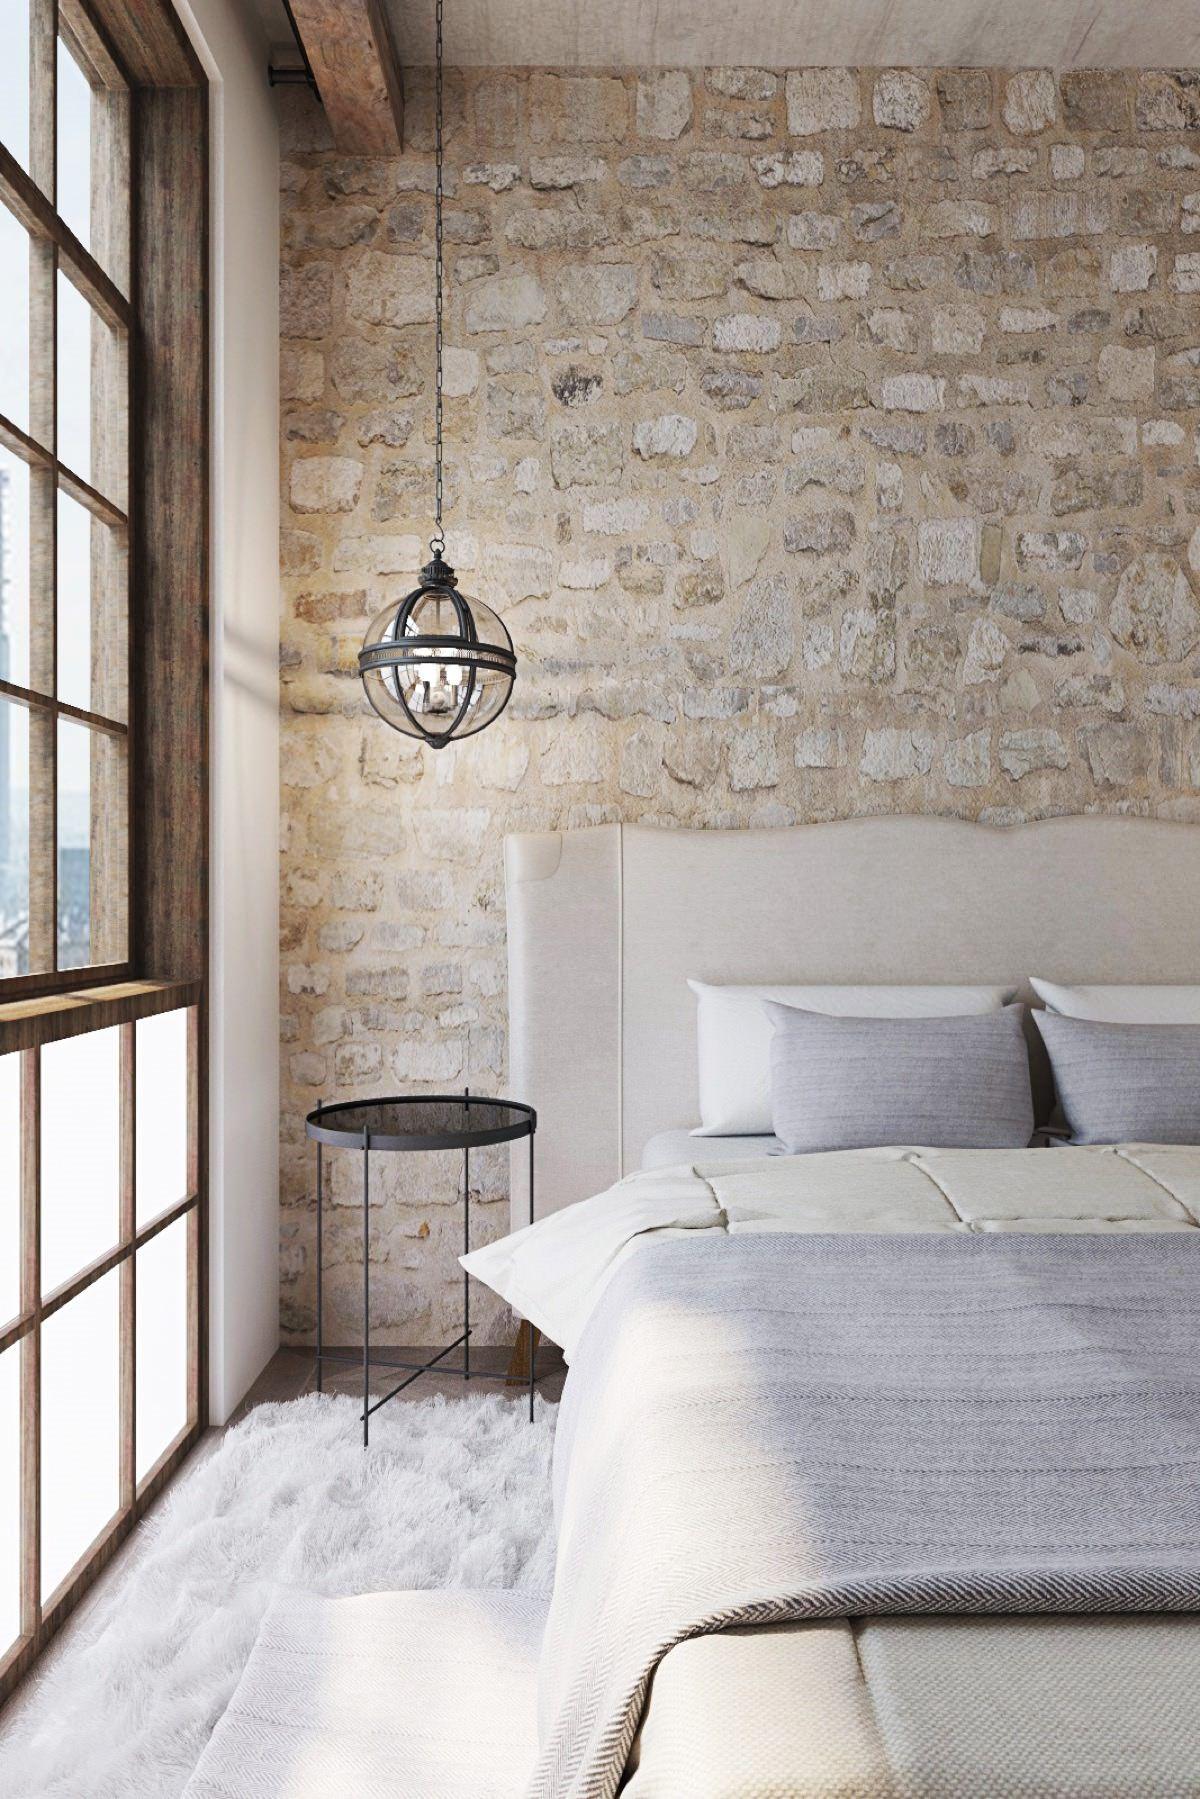 طراحی و دکوراسیون داخلی اتاق خواب شیک و ساده ای که از بافت سنگی به عنوان دیوار تاکیدی در آن استفاده شده است